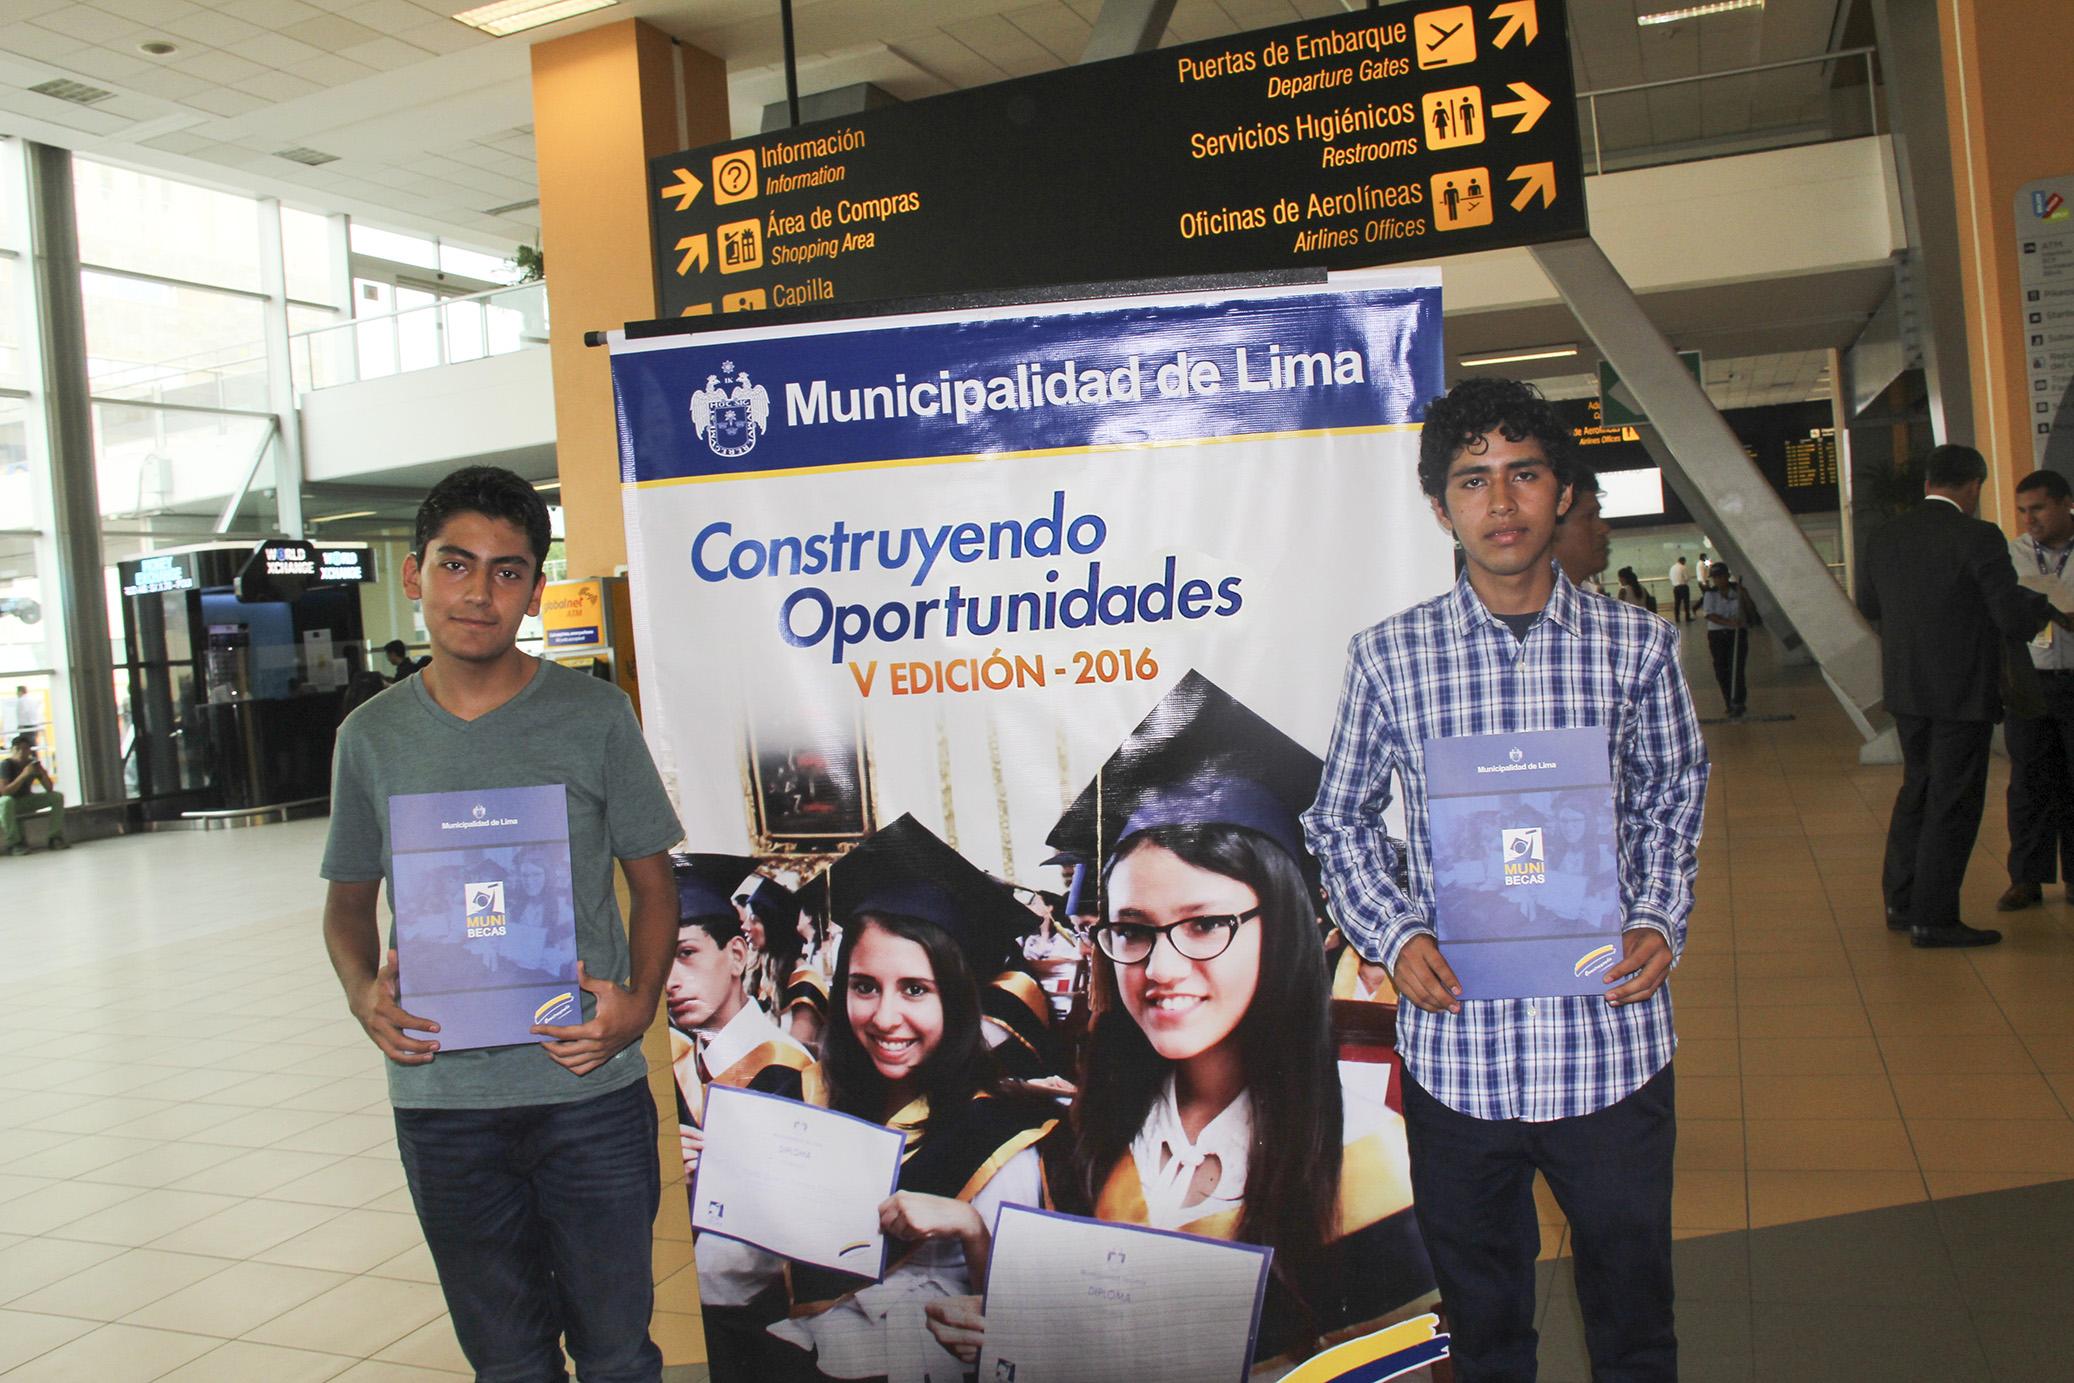 De Izq. a Der.: Manuel Bravo y Frank Carbajal en el Aeropuerto Internacional Jorge Chávez (Futuros estudiantes de Ing. Aeroespacial en la Universidad Aeroespacial de Samara)